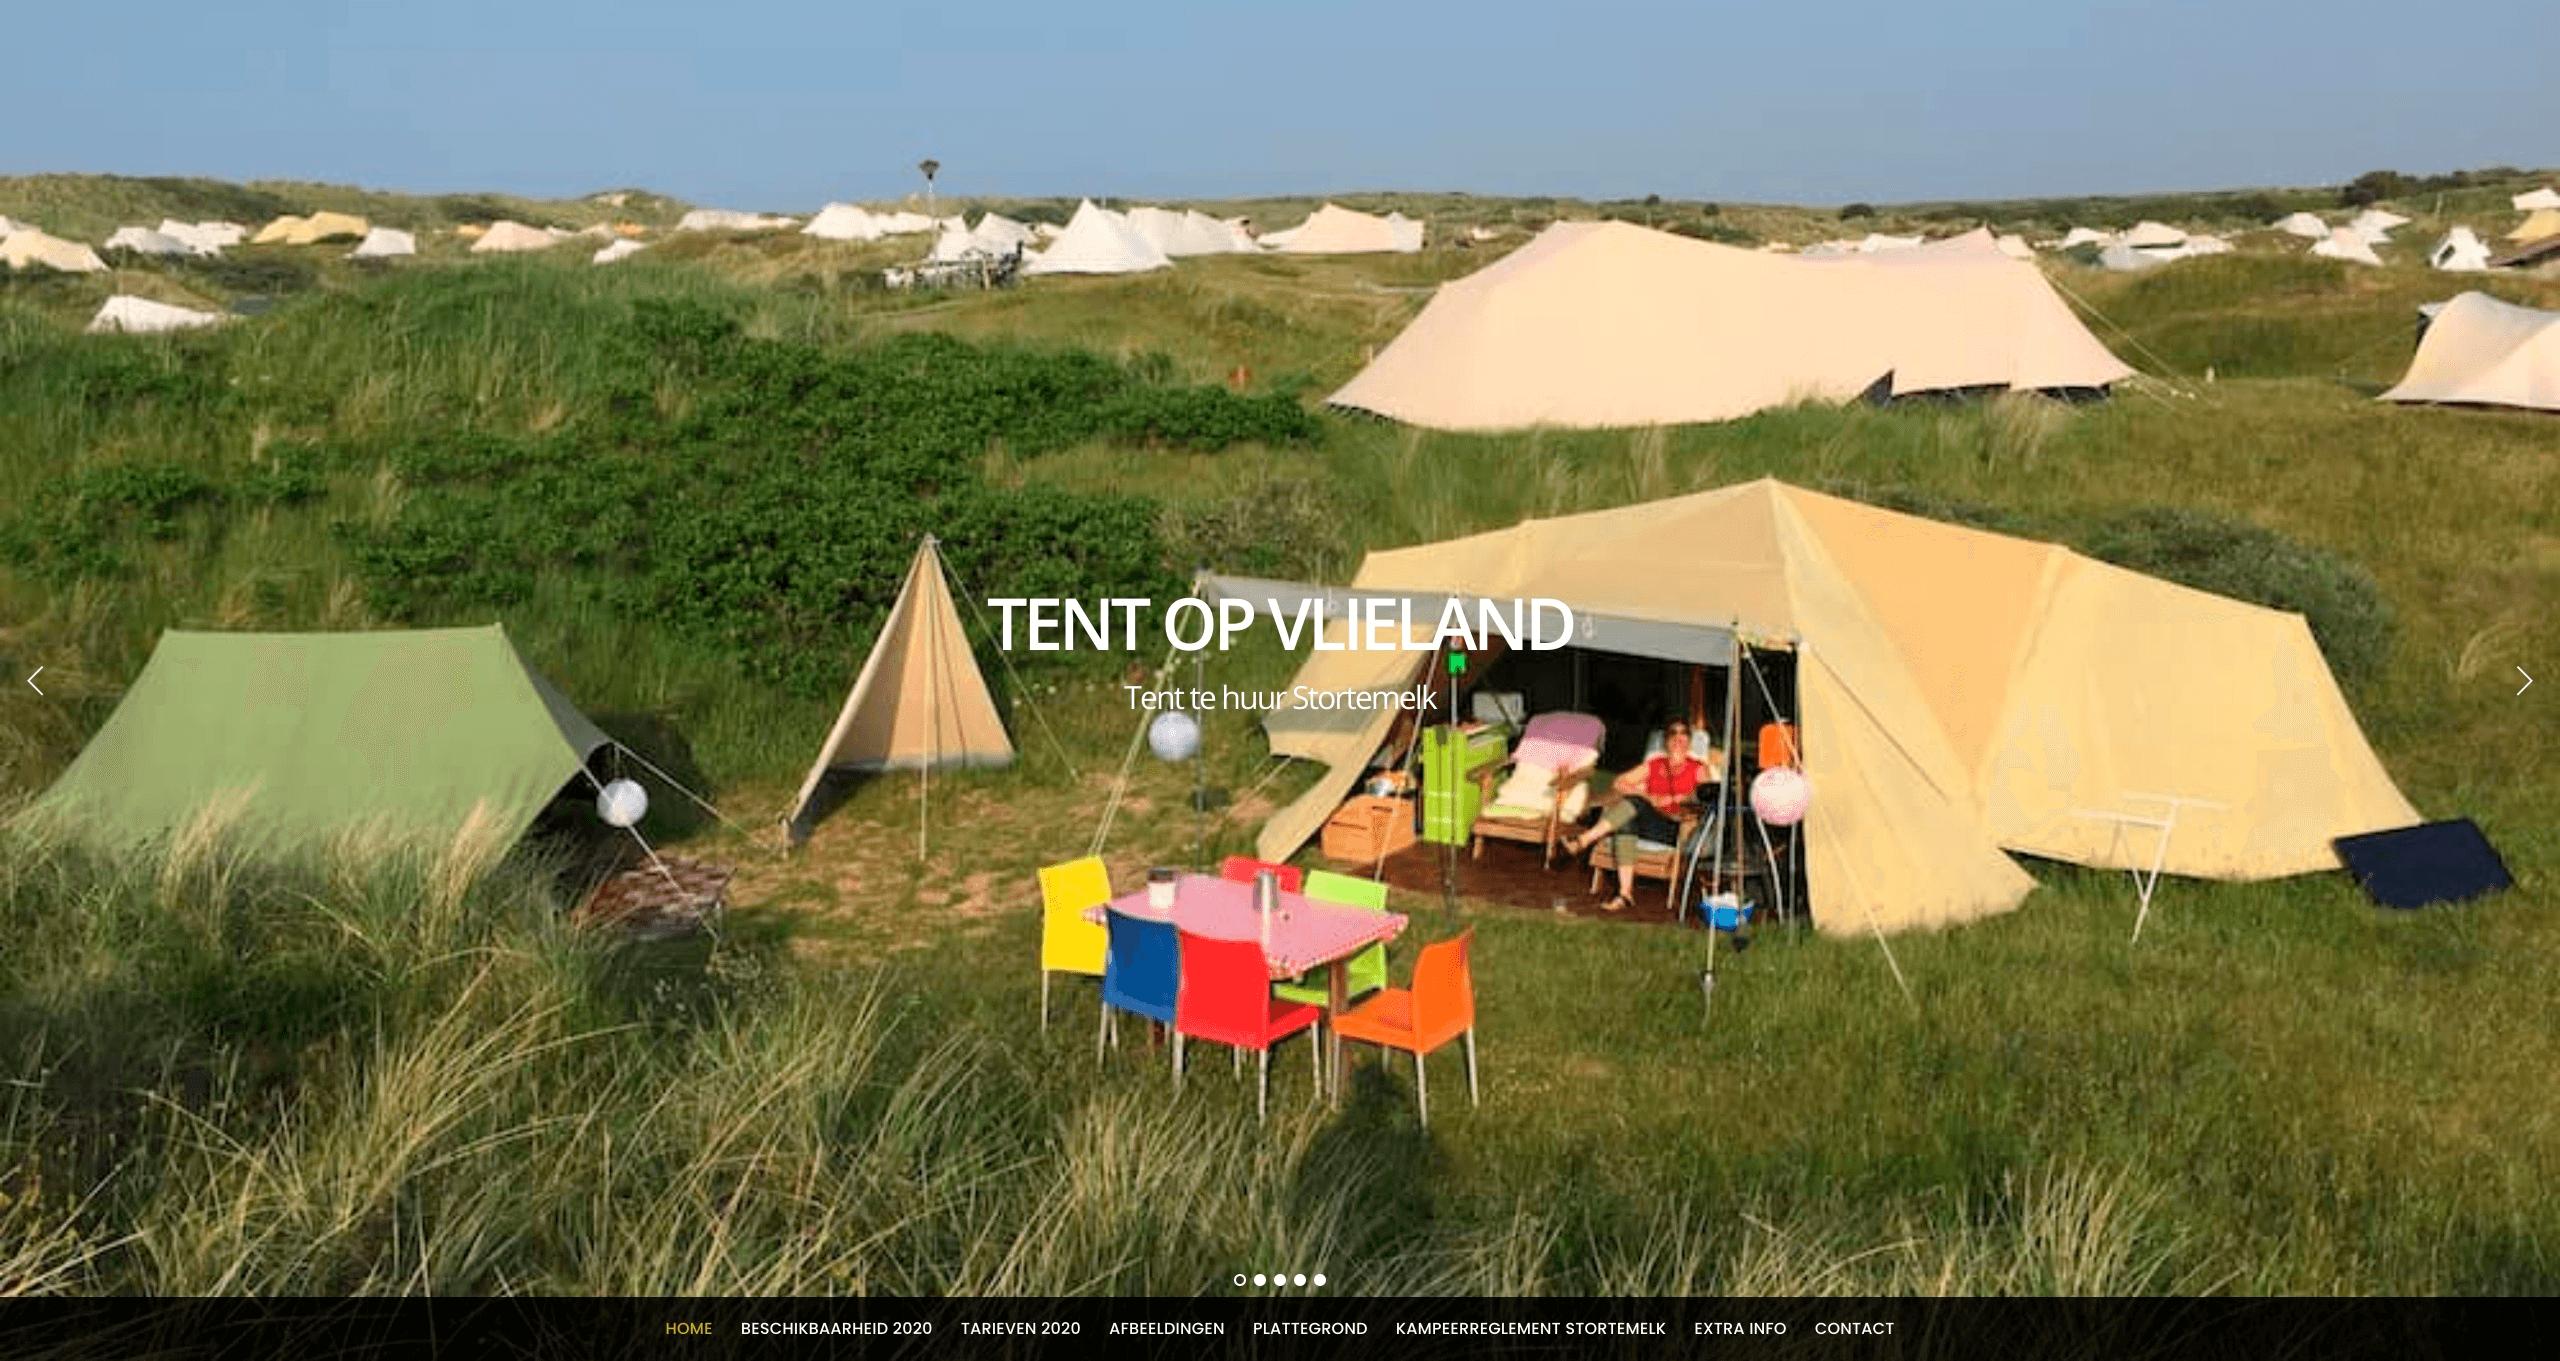 Huurtent op Vlieland Tent te huur op Stortemelk Vlieland